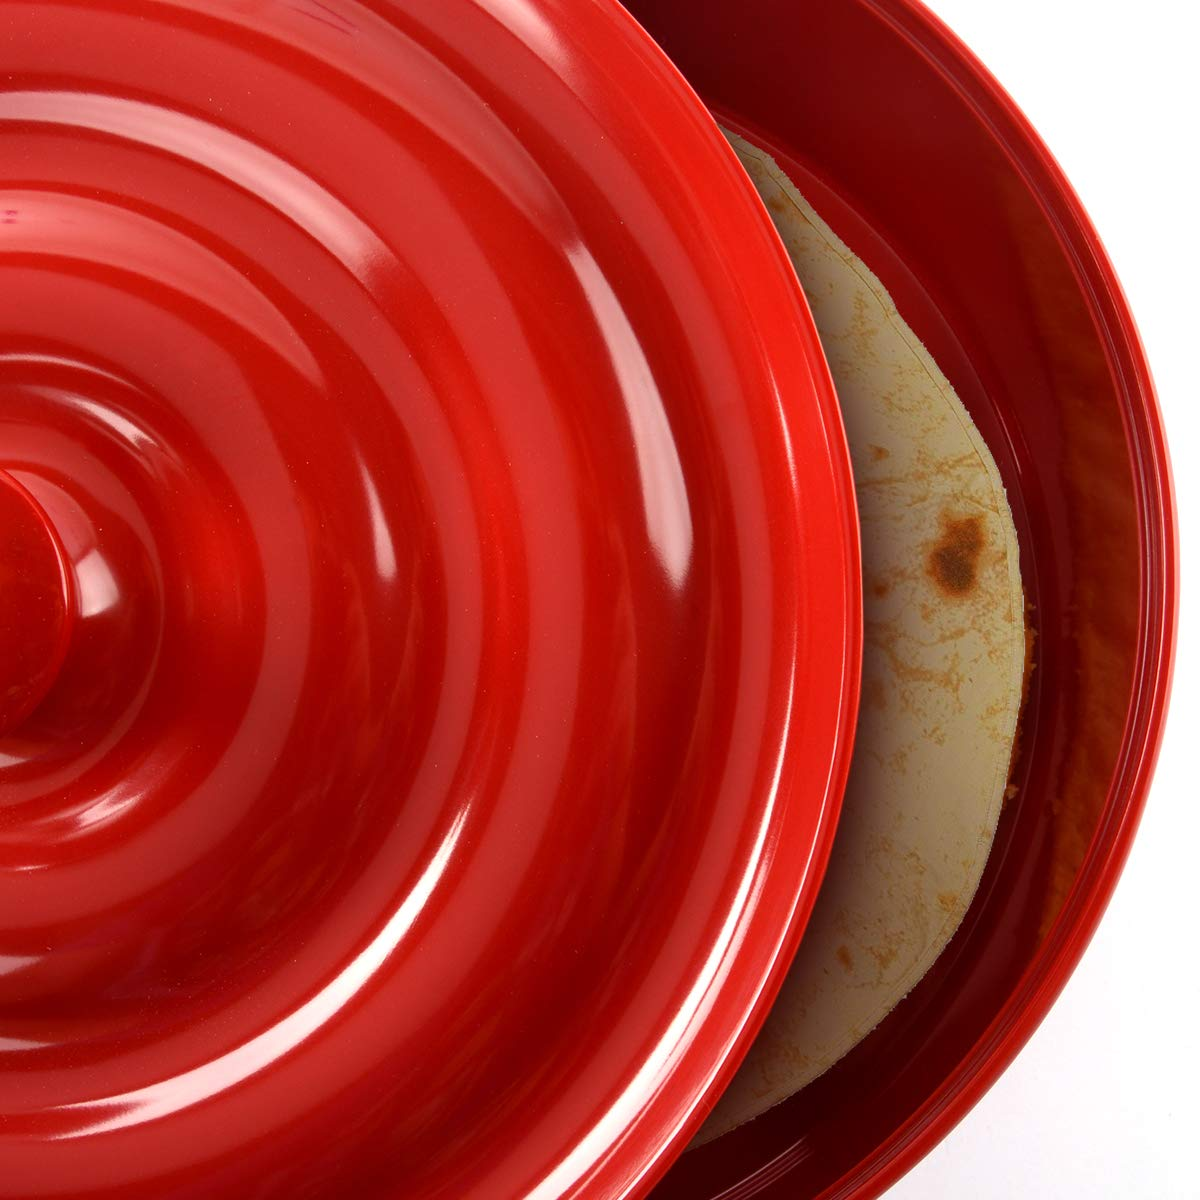 BPA-freier Kunststoff Prepara 4030-rth Tortilla Halter rot